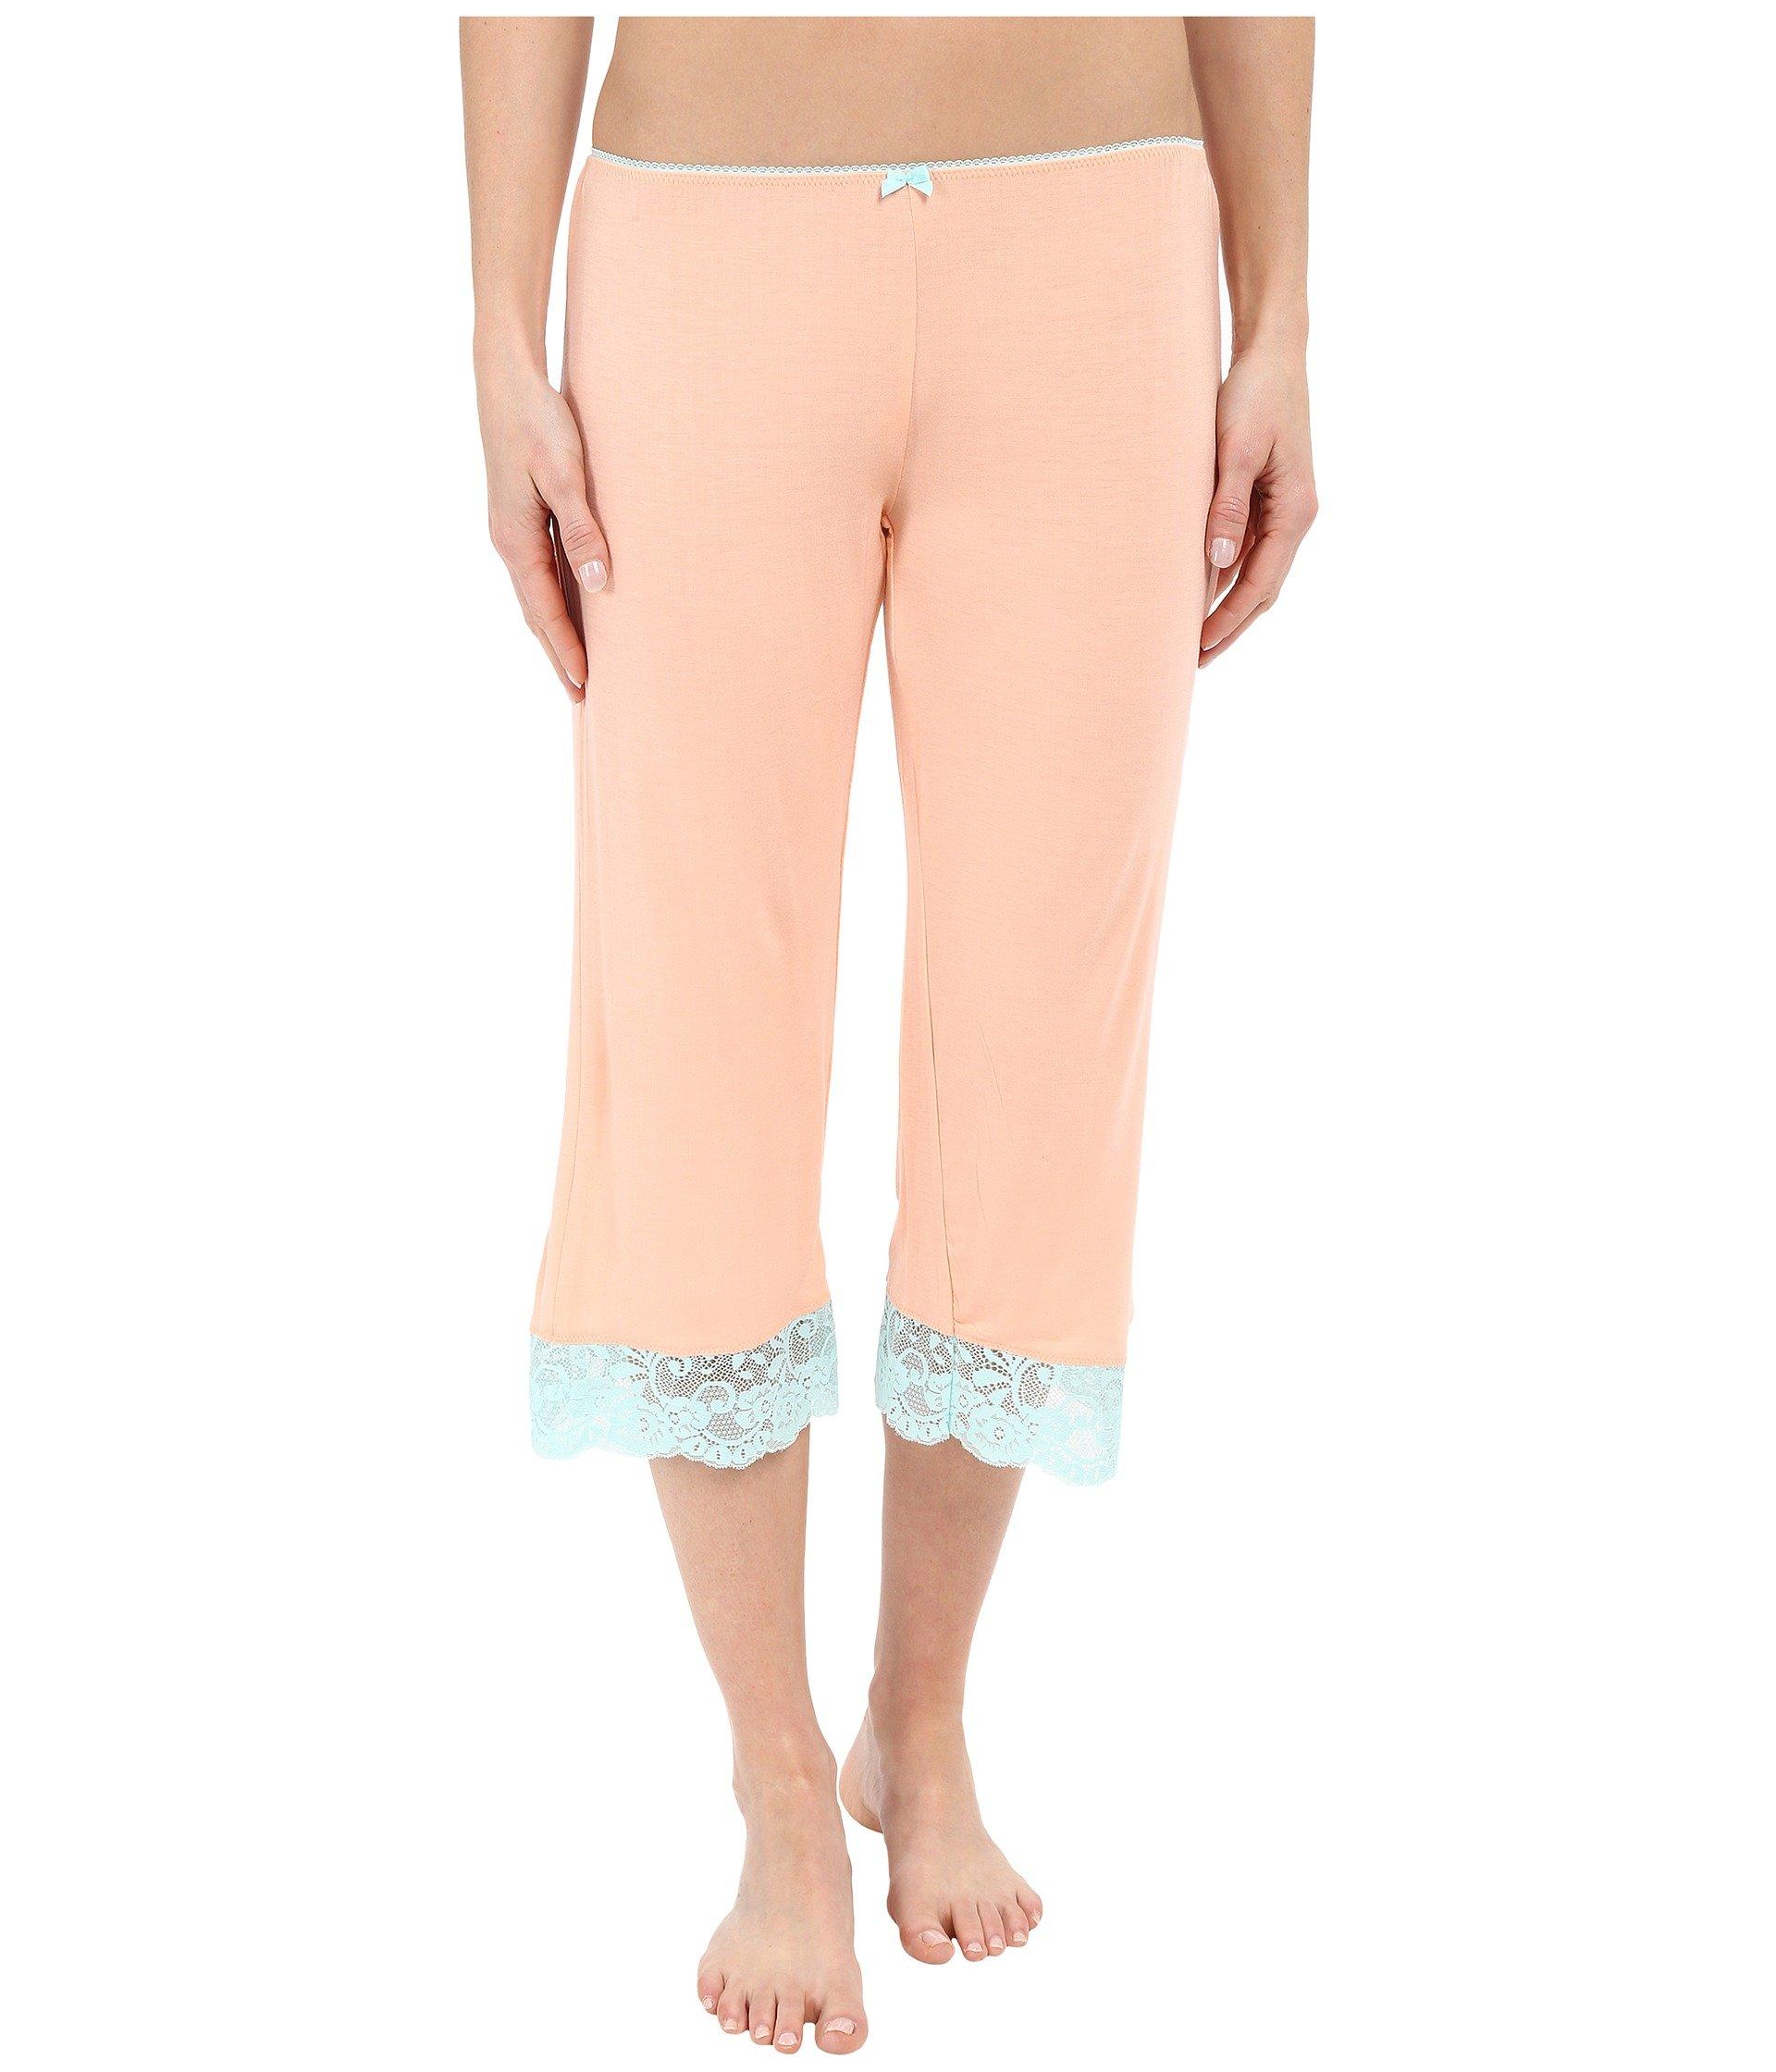 Pantalón de Pijama para Mujer P.J. Salvage Sorbet Combo Pants  + P.J. Salvage en VeoyCompro.net